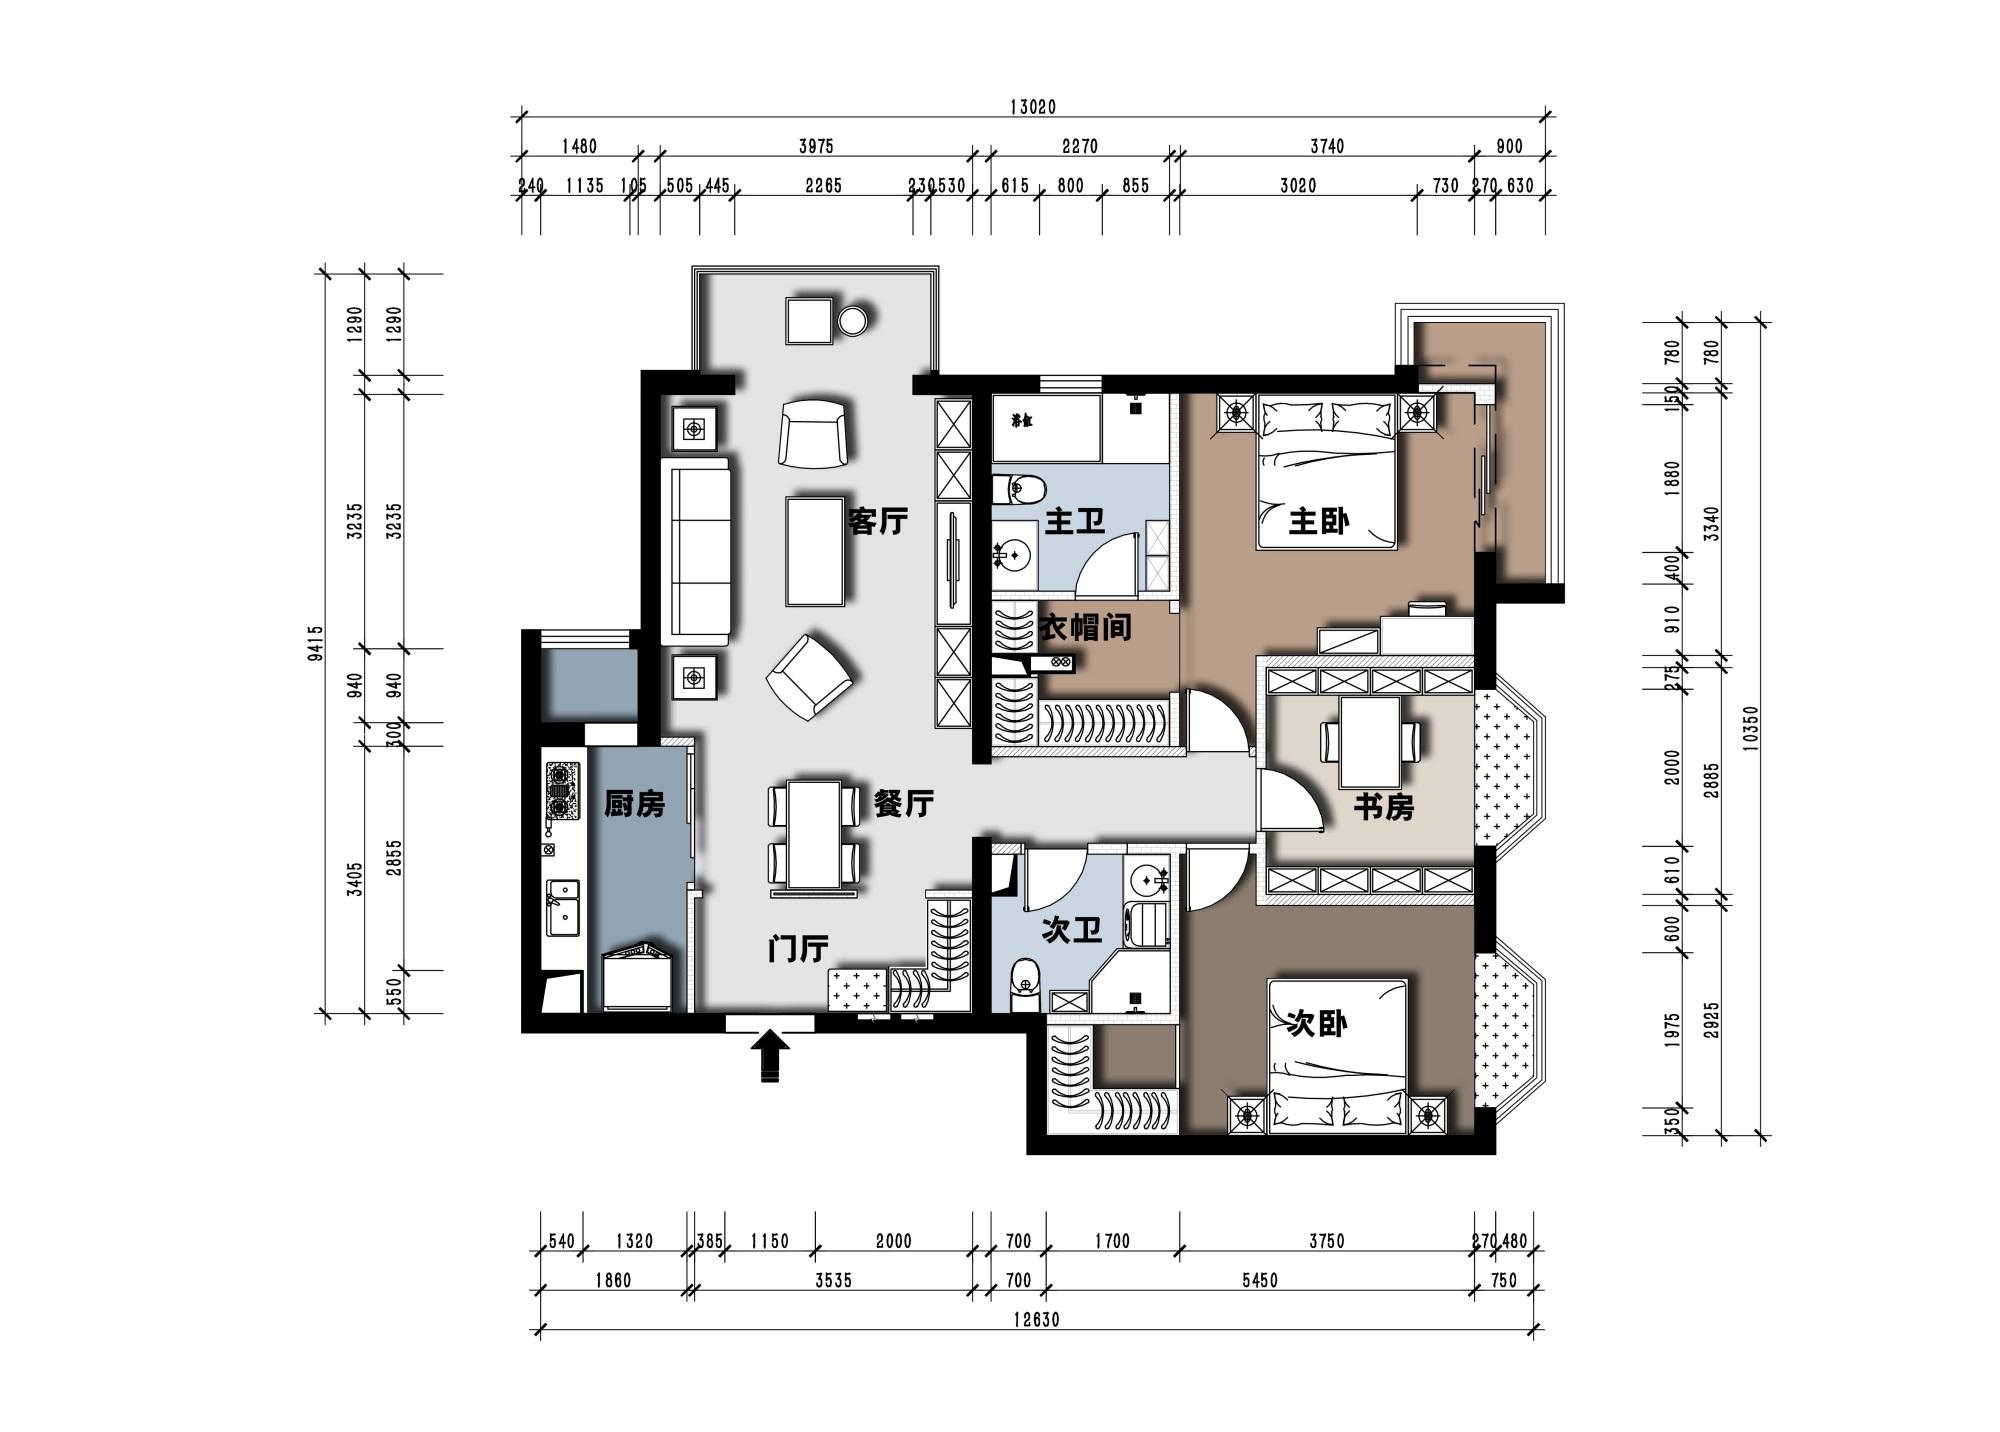 朗琴园-102平米-新中式风格装修案例装修设计理念